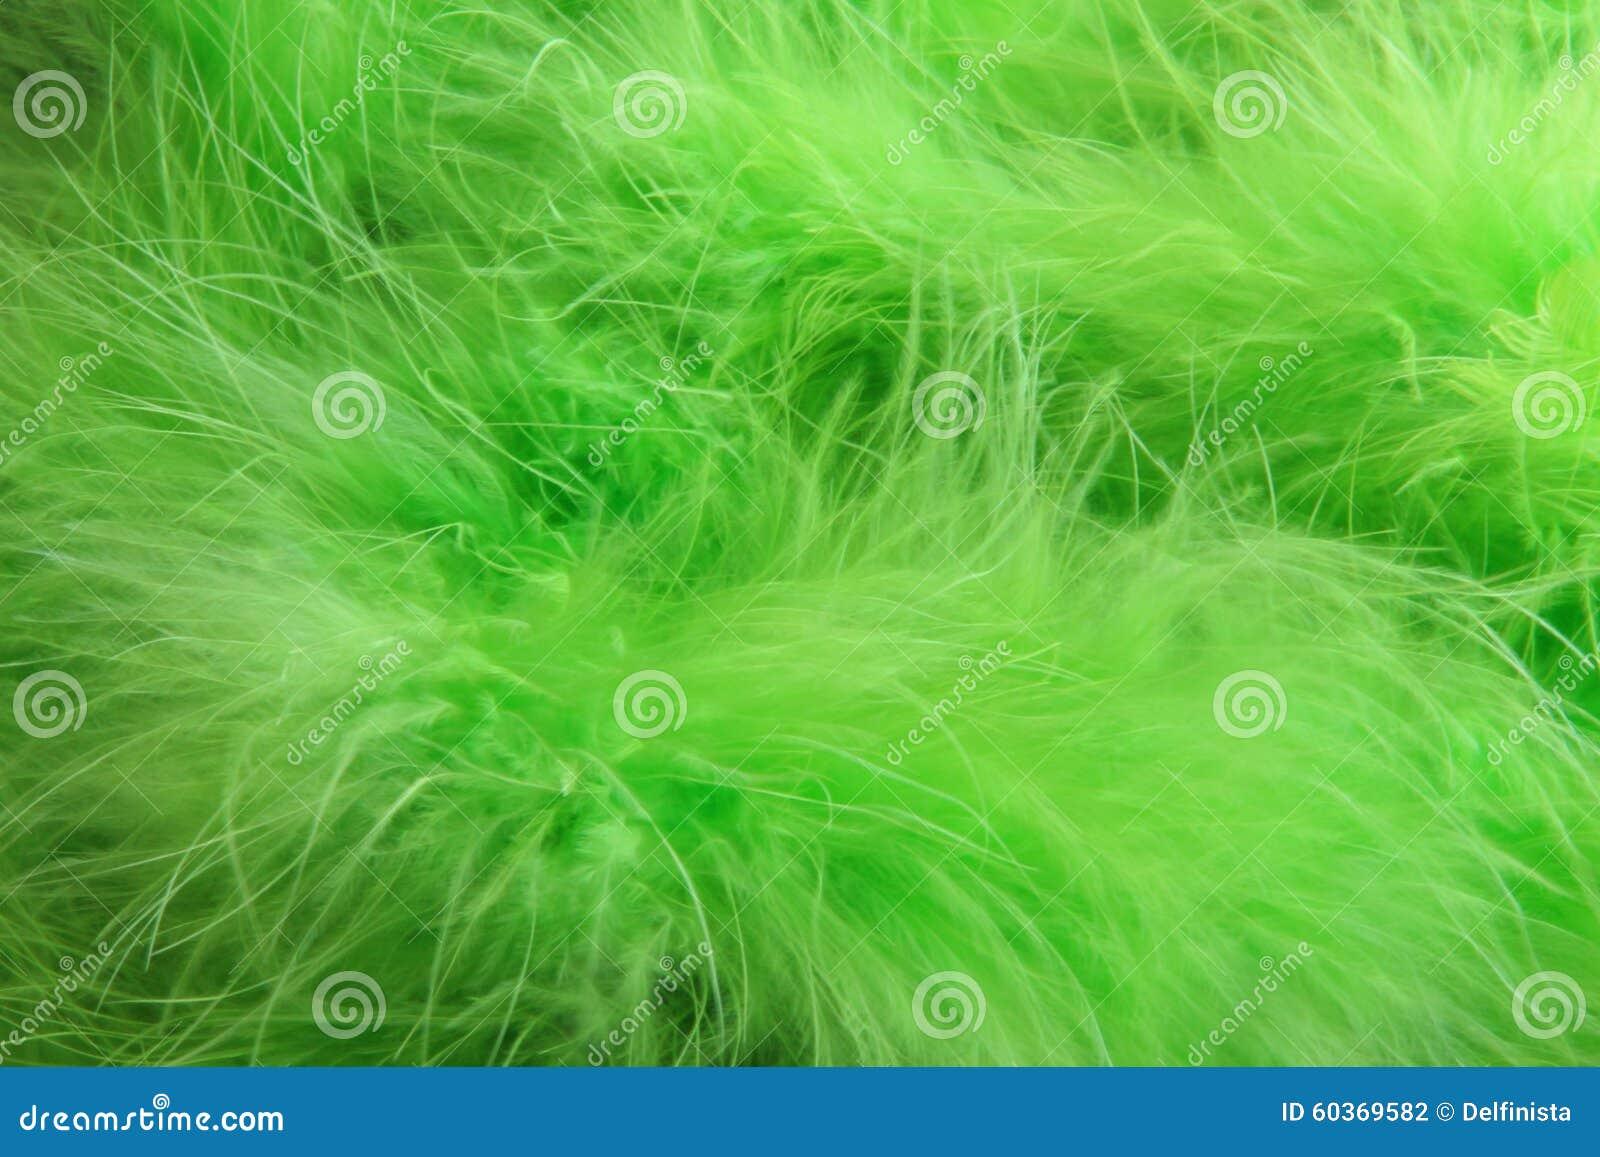 Grün versieht Hintergrund - Foto auf Lager mit Federn